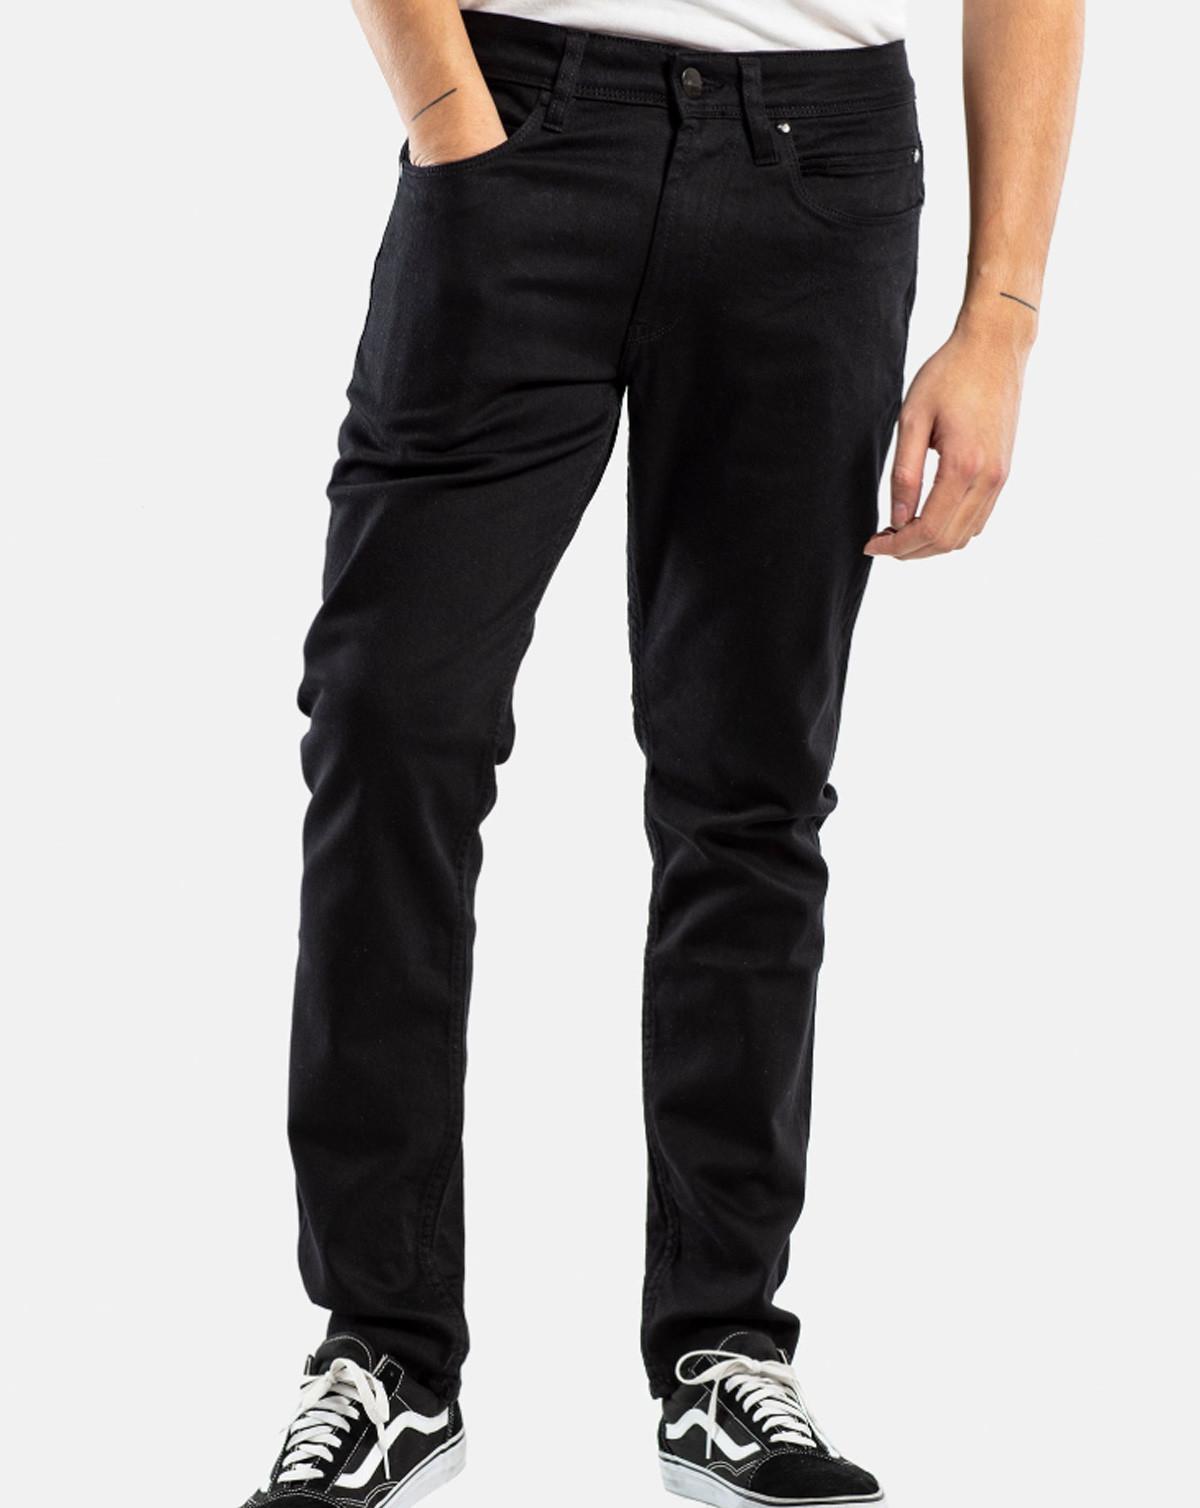 Reell Nova 2 Jeans (Svart, W38 / L32)